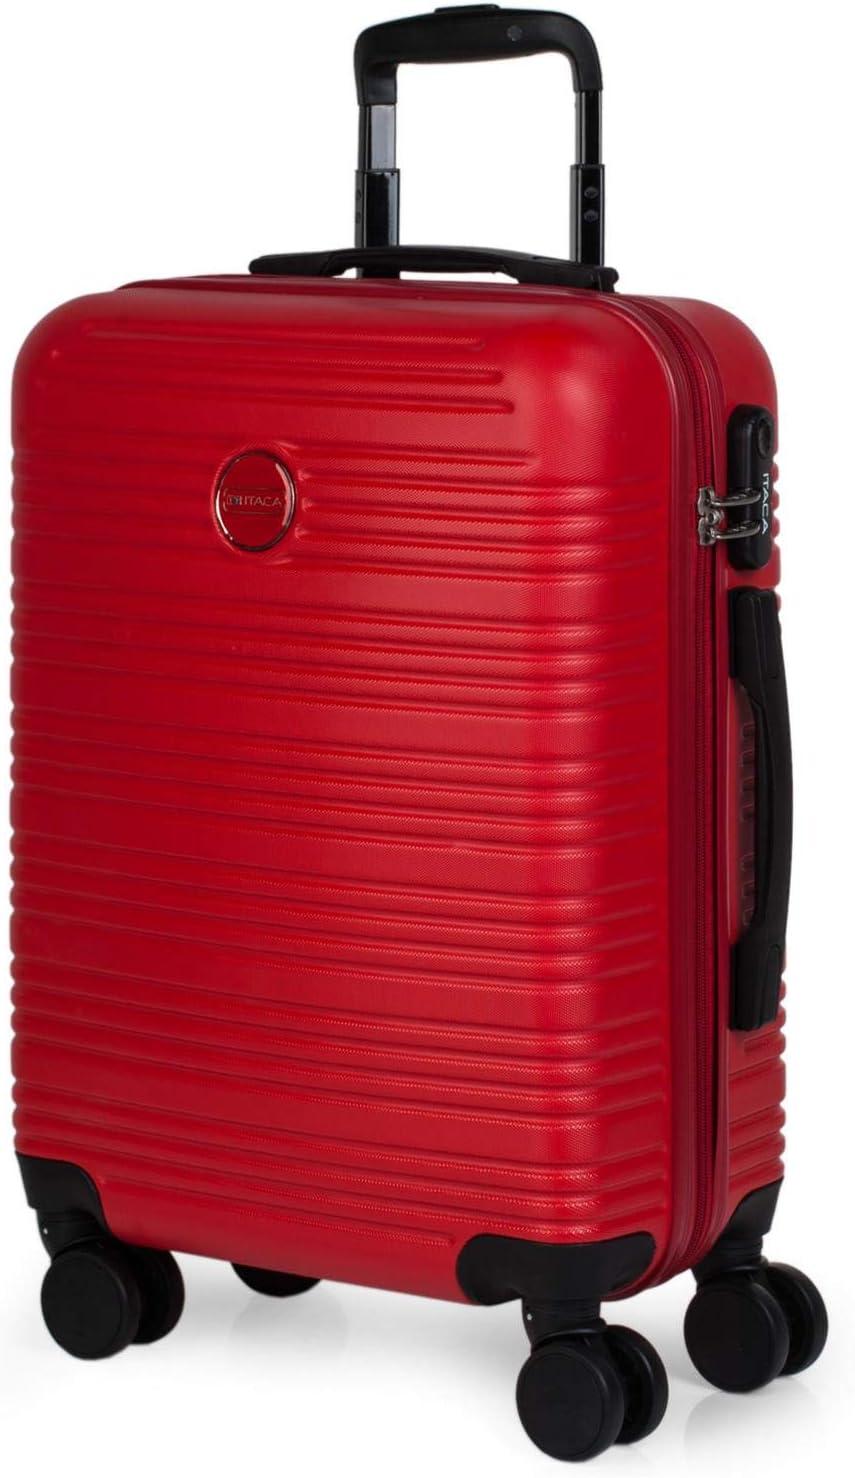 ITACA - Maleta de Viaje Rígida 4 Ruedas 55x40x20 cm Cabina Trolley ABS. Equipaje de Mano. Dura Cómoda Resistente y Ligera. Candado. Low Cost Ryanair. Calidad y Diseño. T72150, Color Rojo